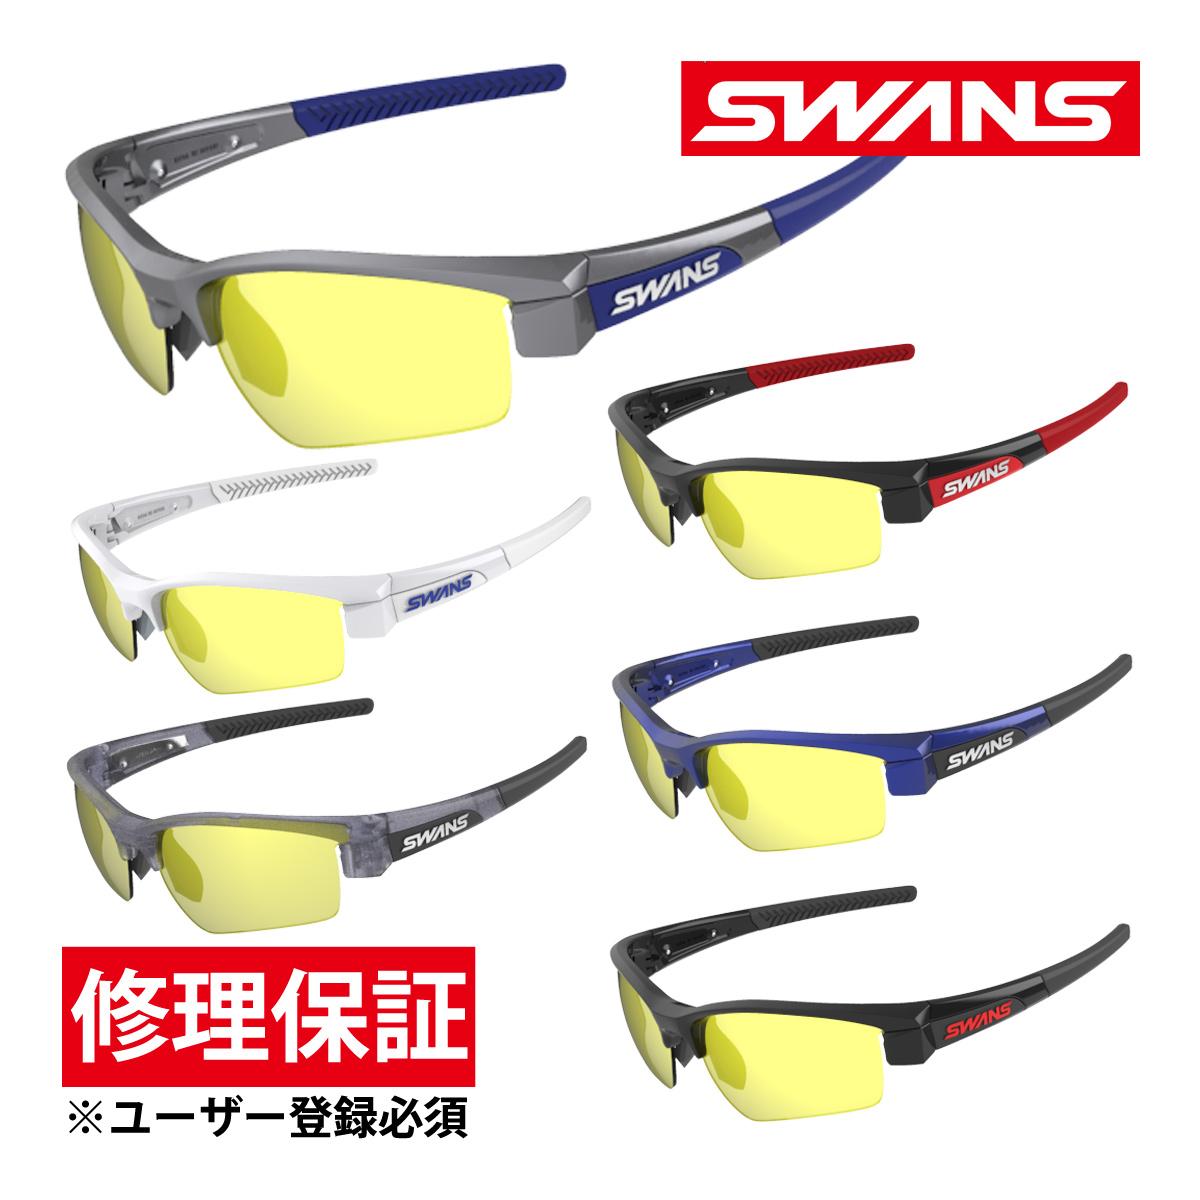 サングラス ミラーレンズ イエローミラー×スモーク ドライブ ゴルフ スポーツ メンズ レディース LION SIN フレーム+L-LI SIN-1601 SM/Y おすすめ 人気 SWANS スワンズ